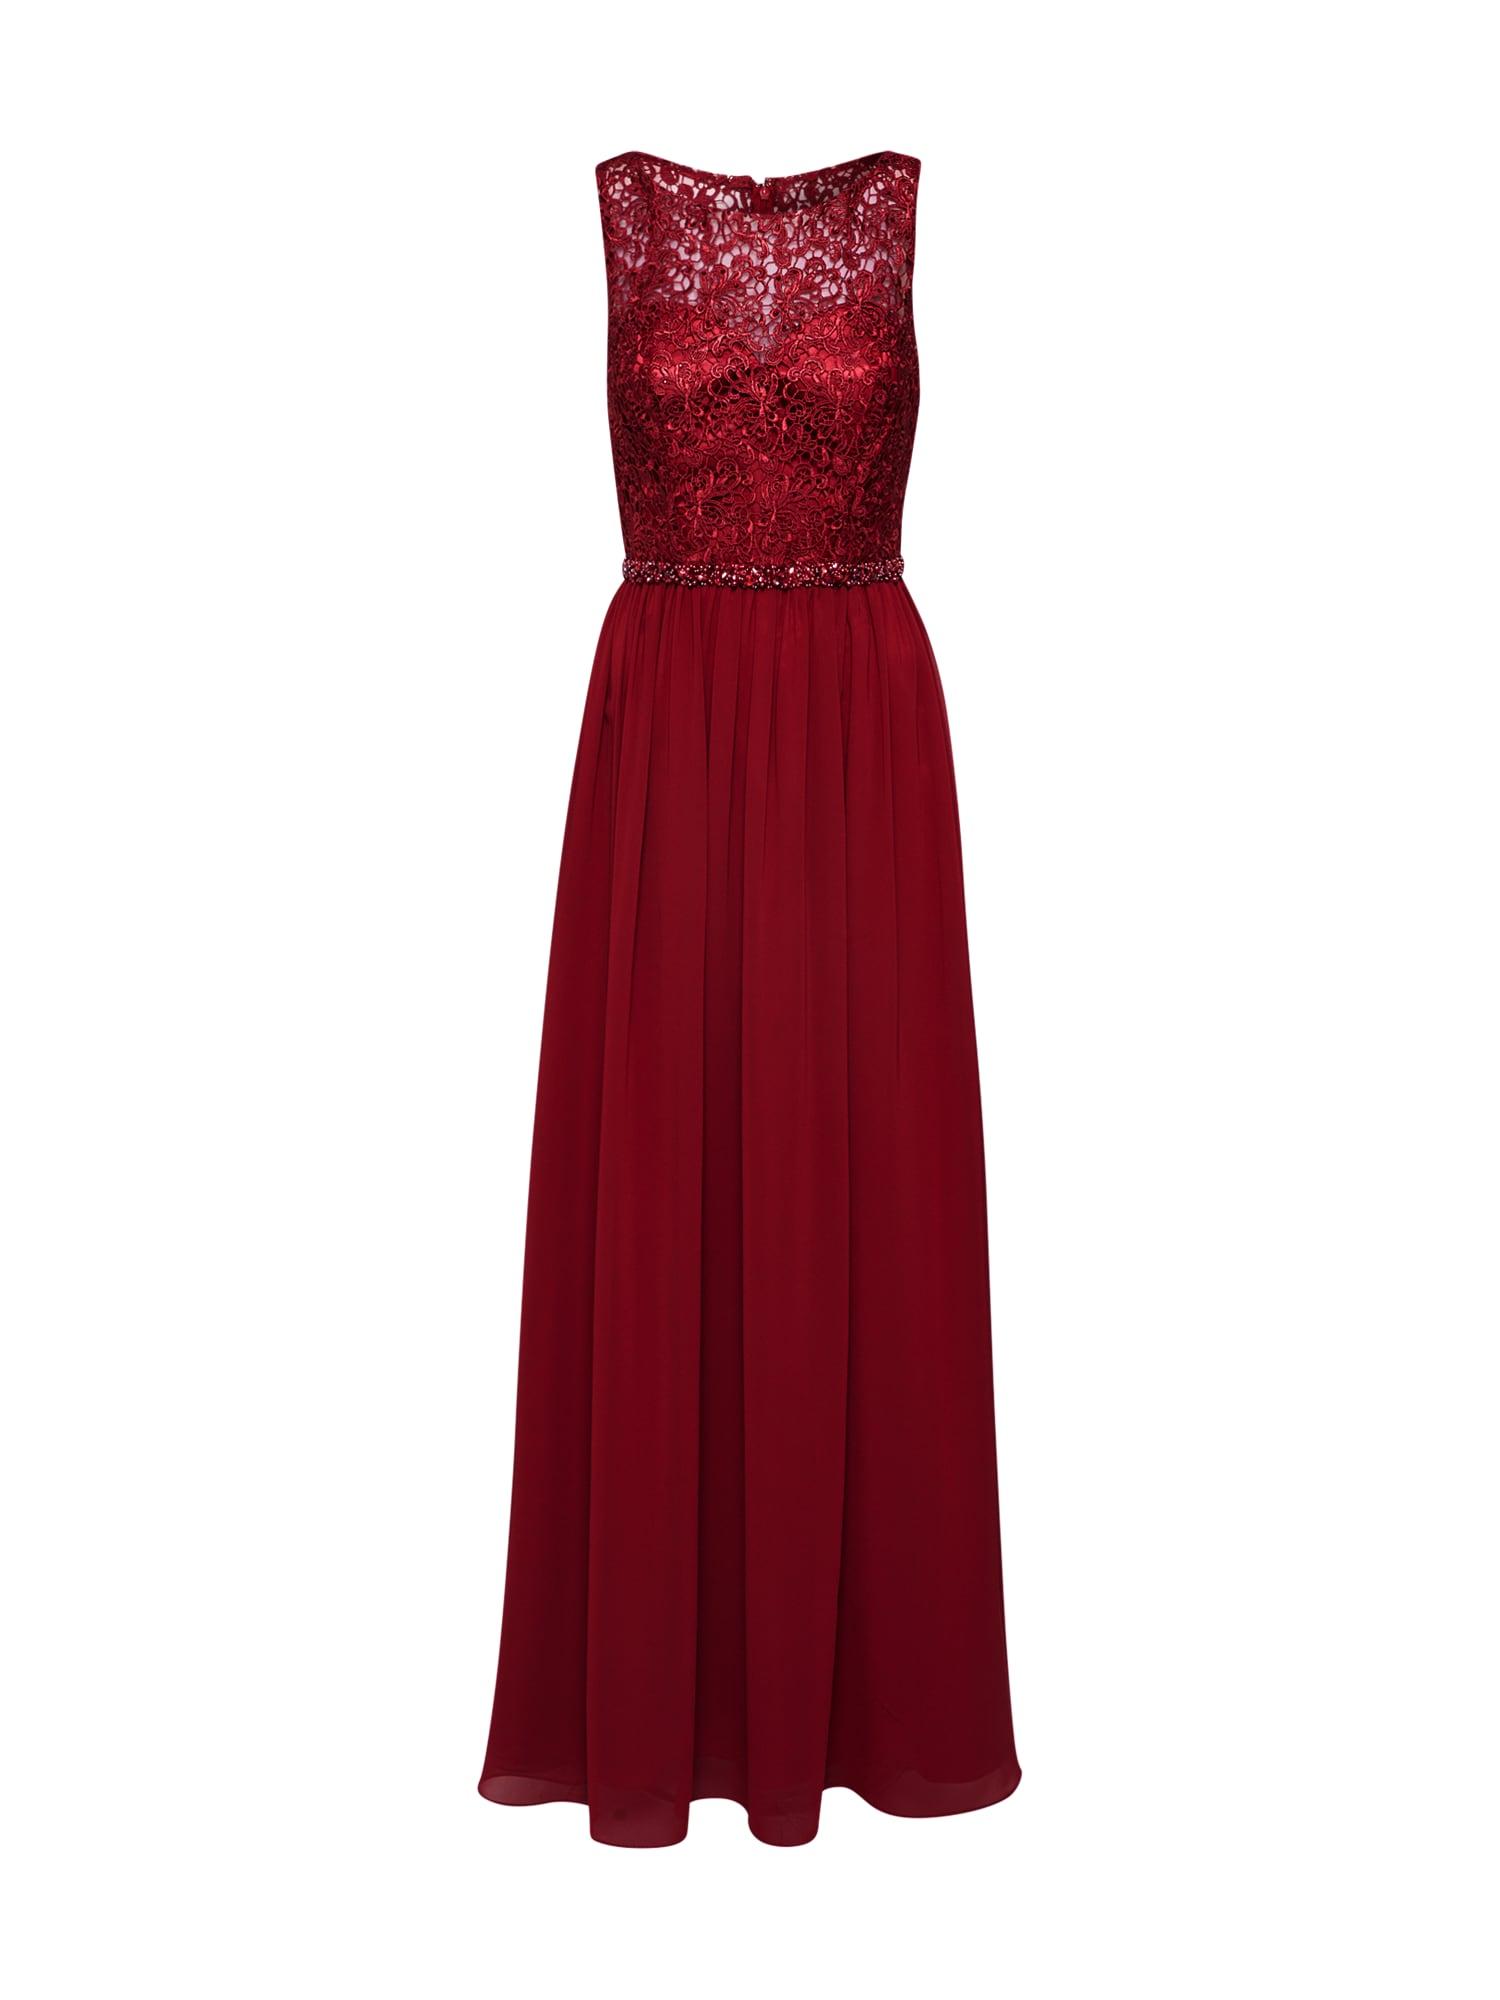 mascara Robe de soirée 'LACE TOP'  - Rouge - Taille: 36 - female